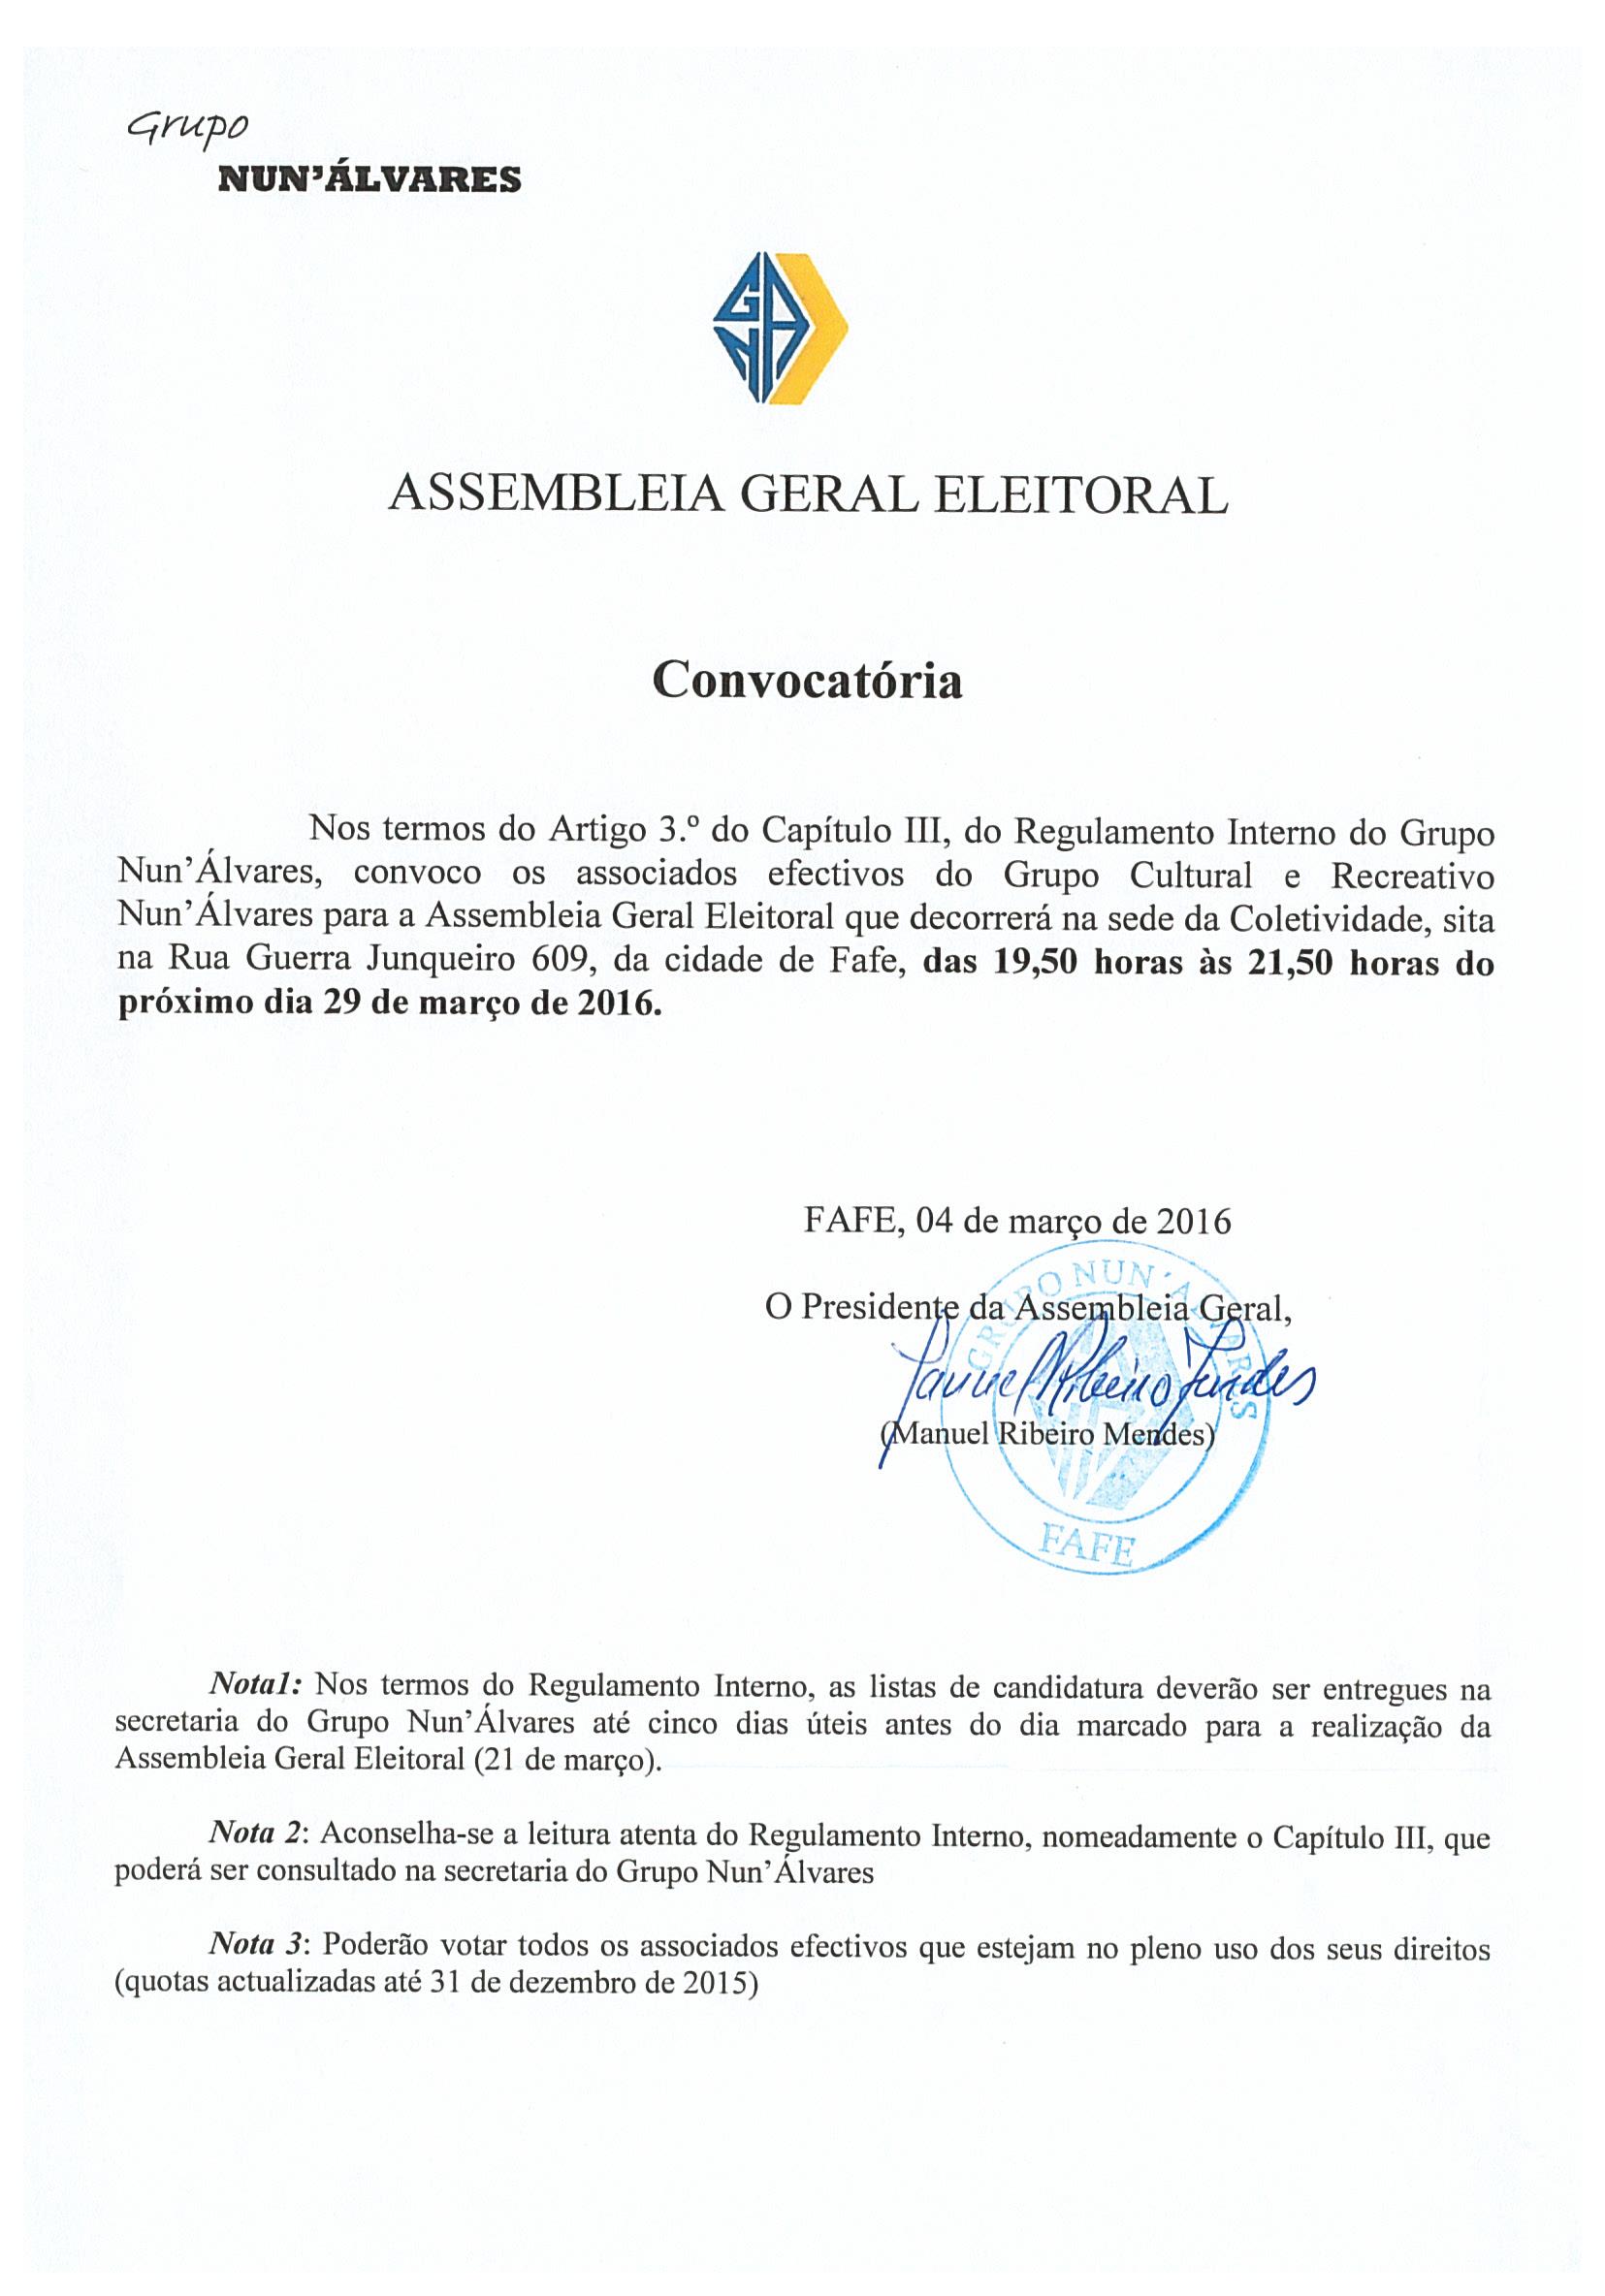 Ass Geral Eleitoral